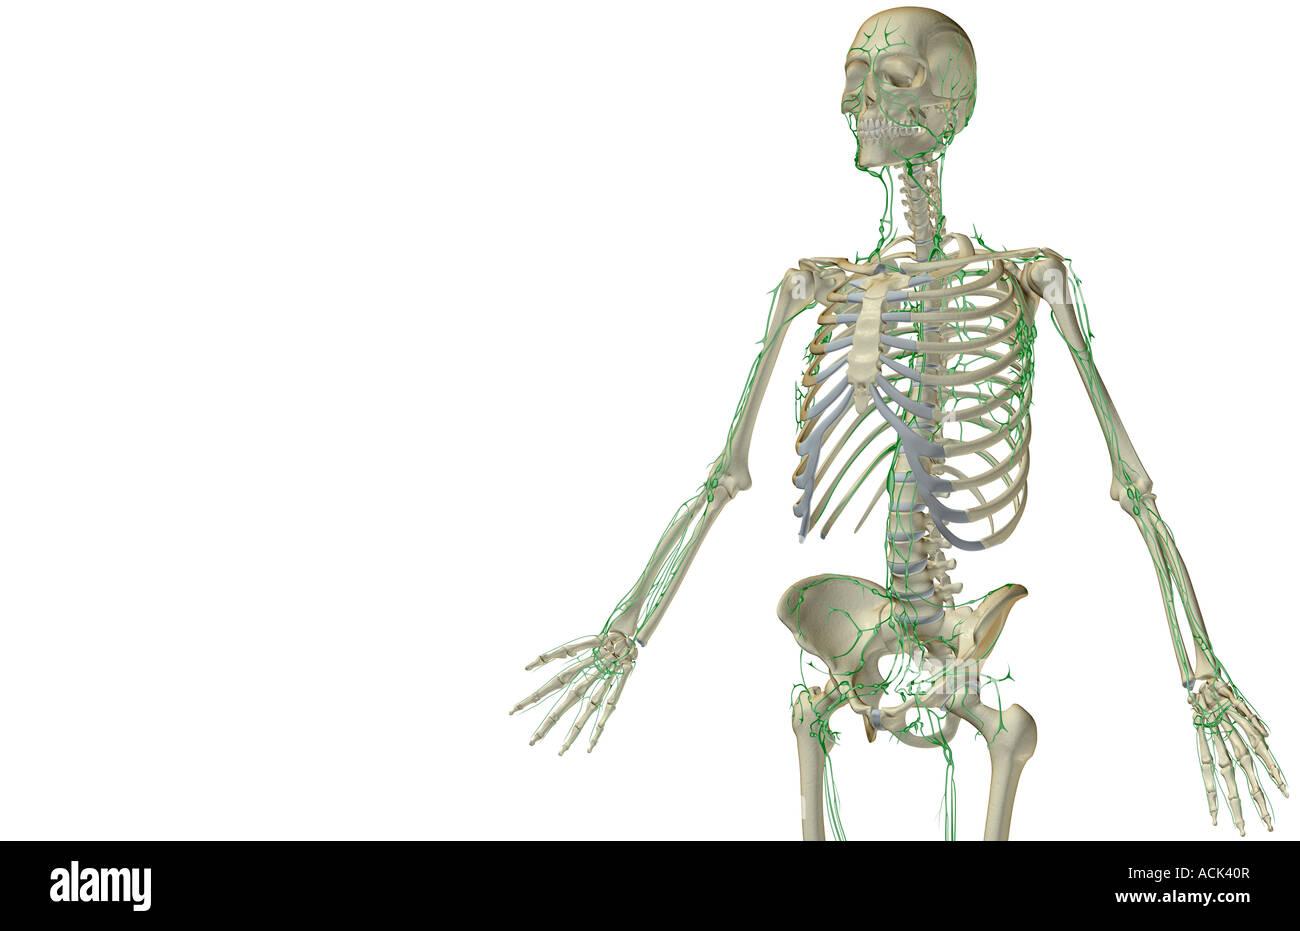 Fein Anatomie Science Olympiad Galerie - Menschliche Anatomie Bilder ...